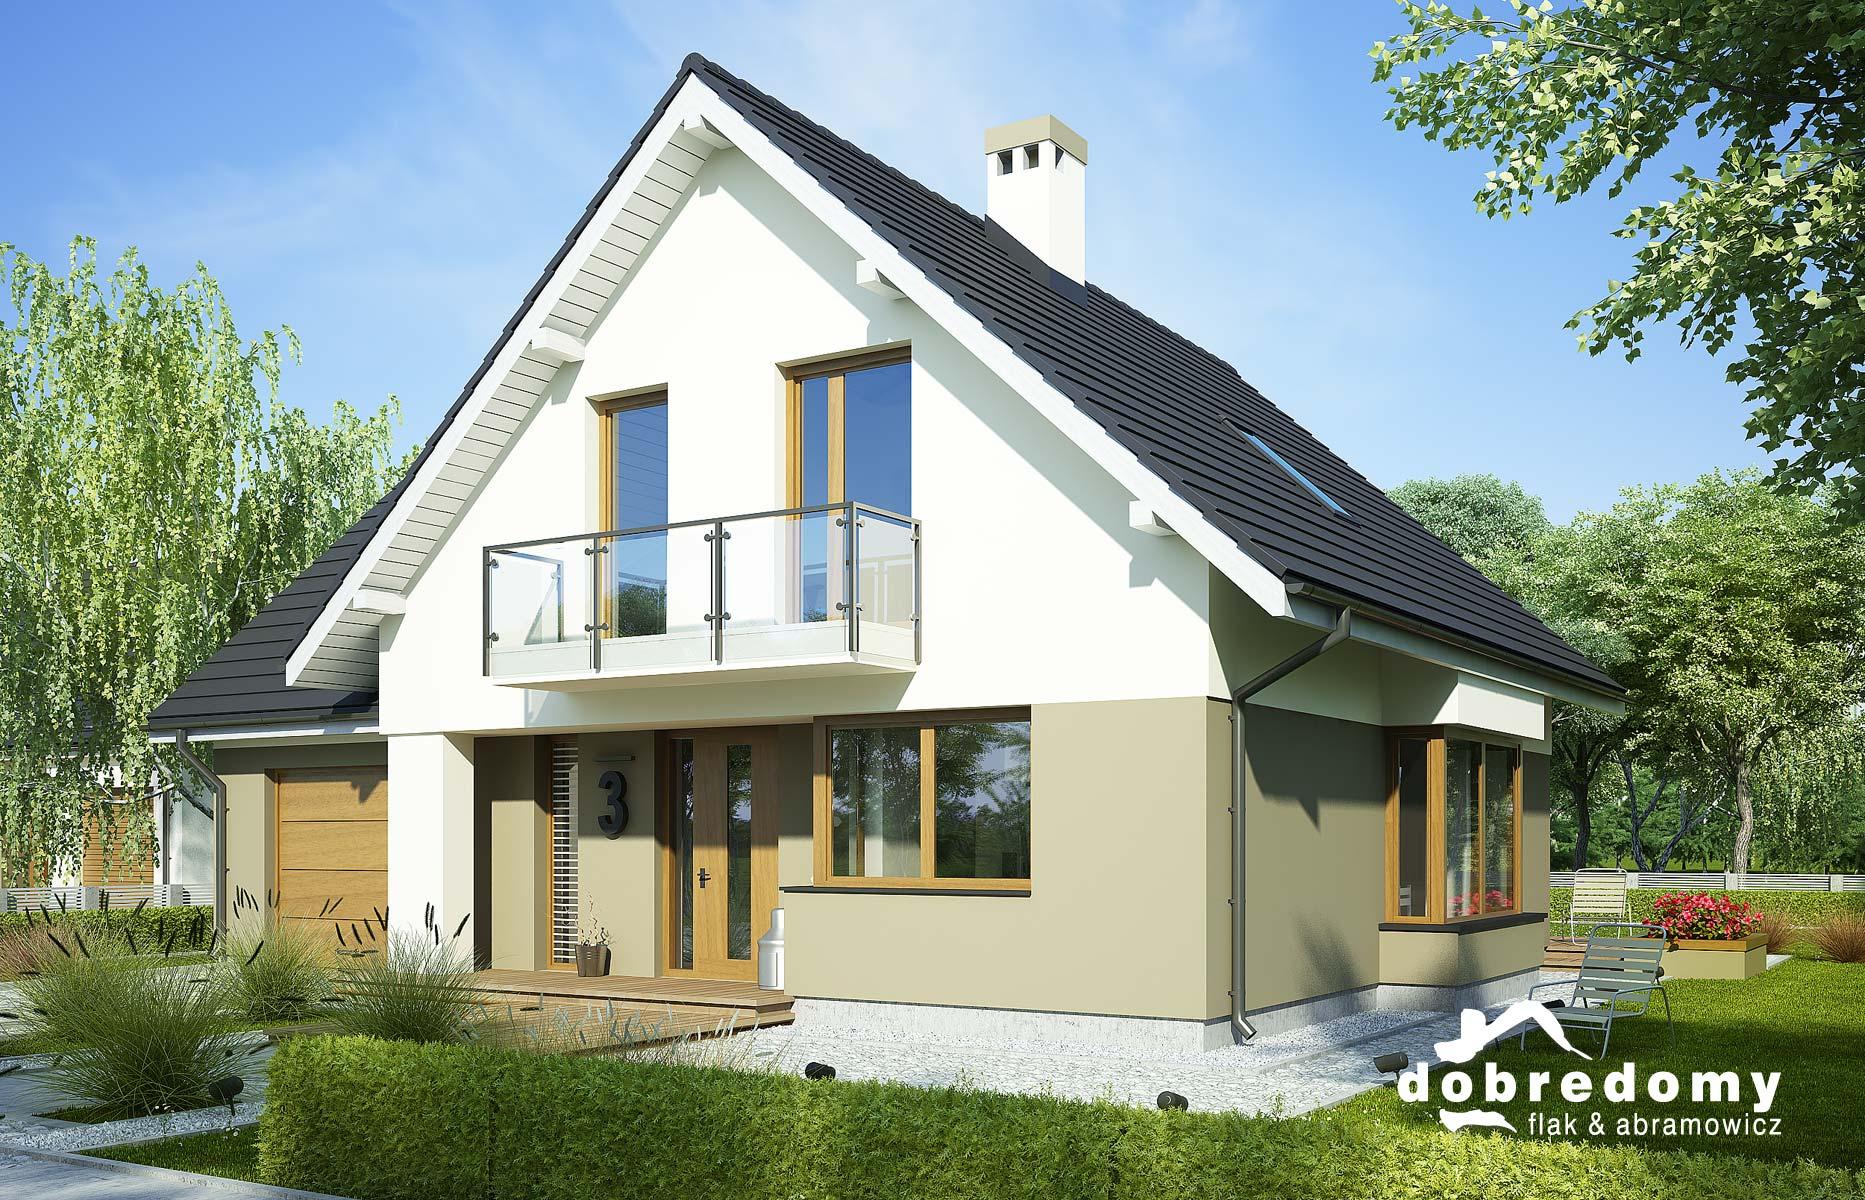 10 najczęstszych błędów popełnianych przy budowie dachu